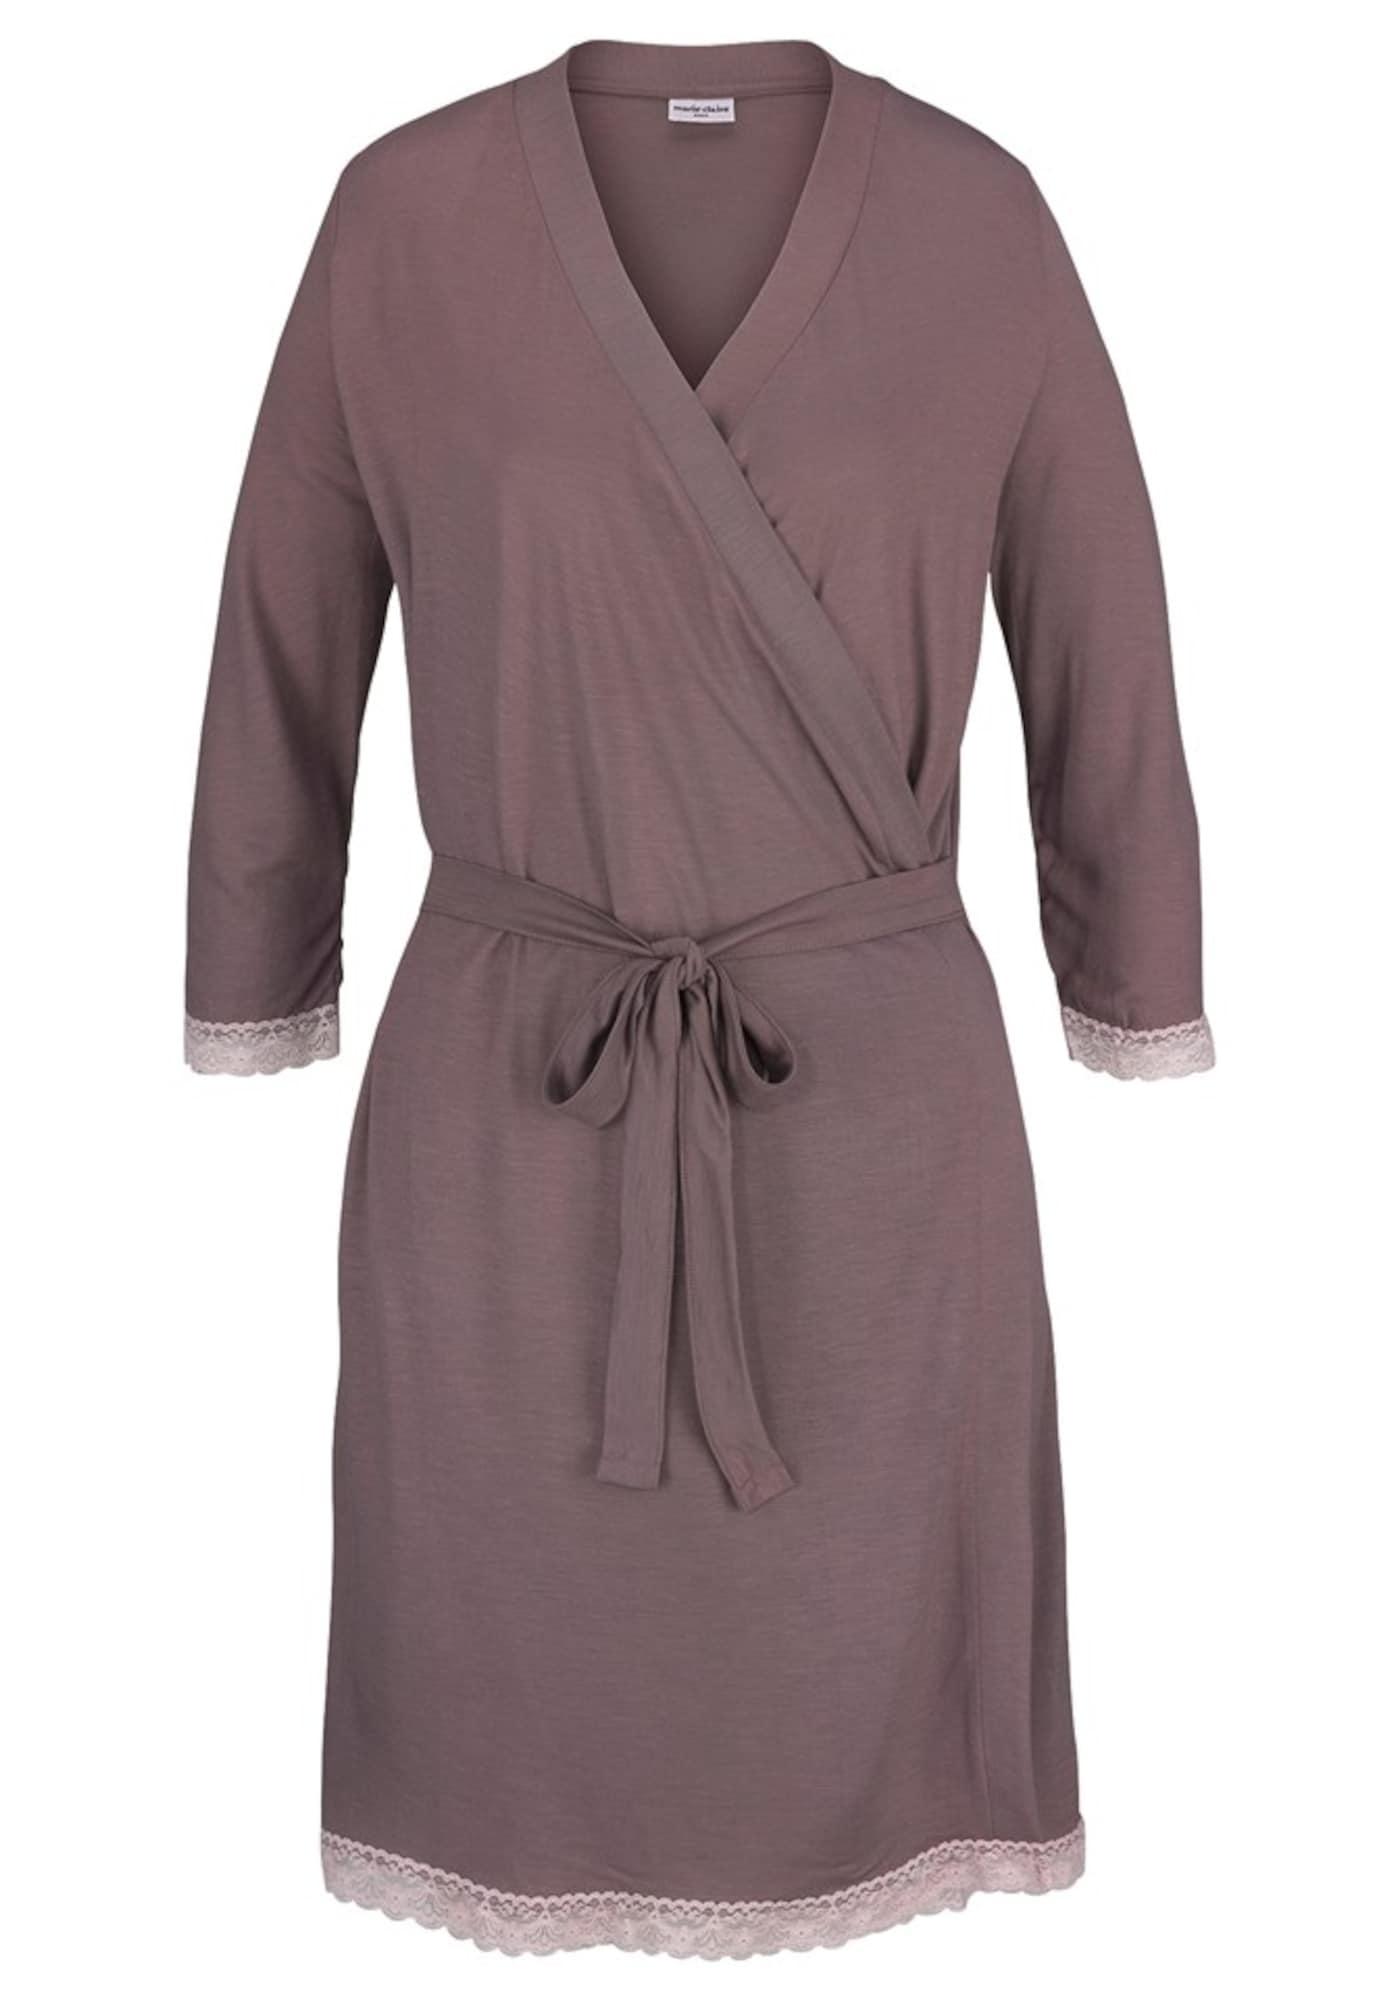 Kimono-Jacke Paris Nights   Bekleidung > Jacken > Kimono-Jacken   MARIE CLAIRE